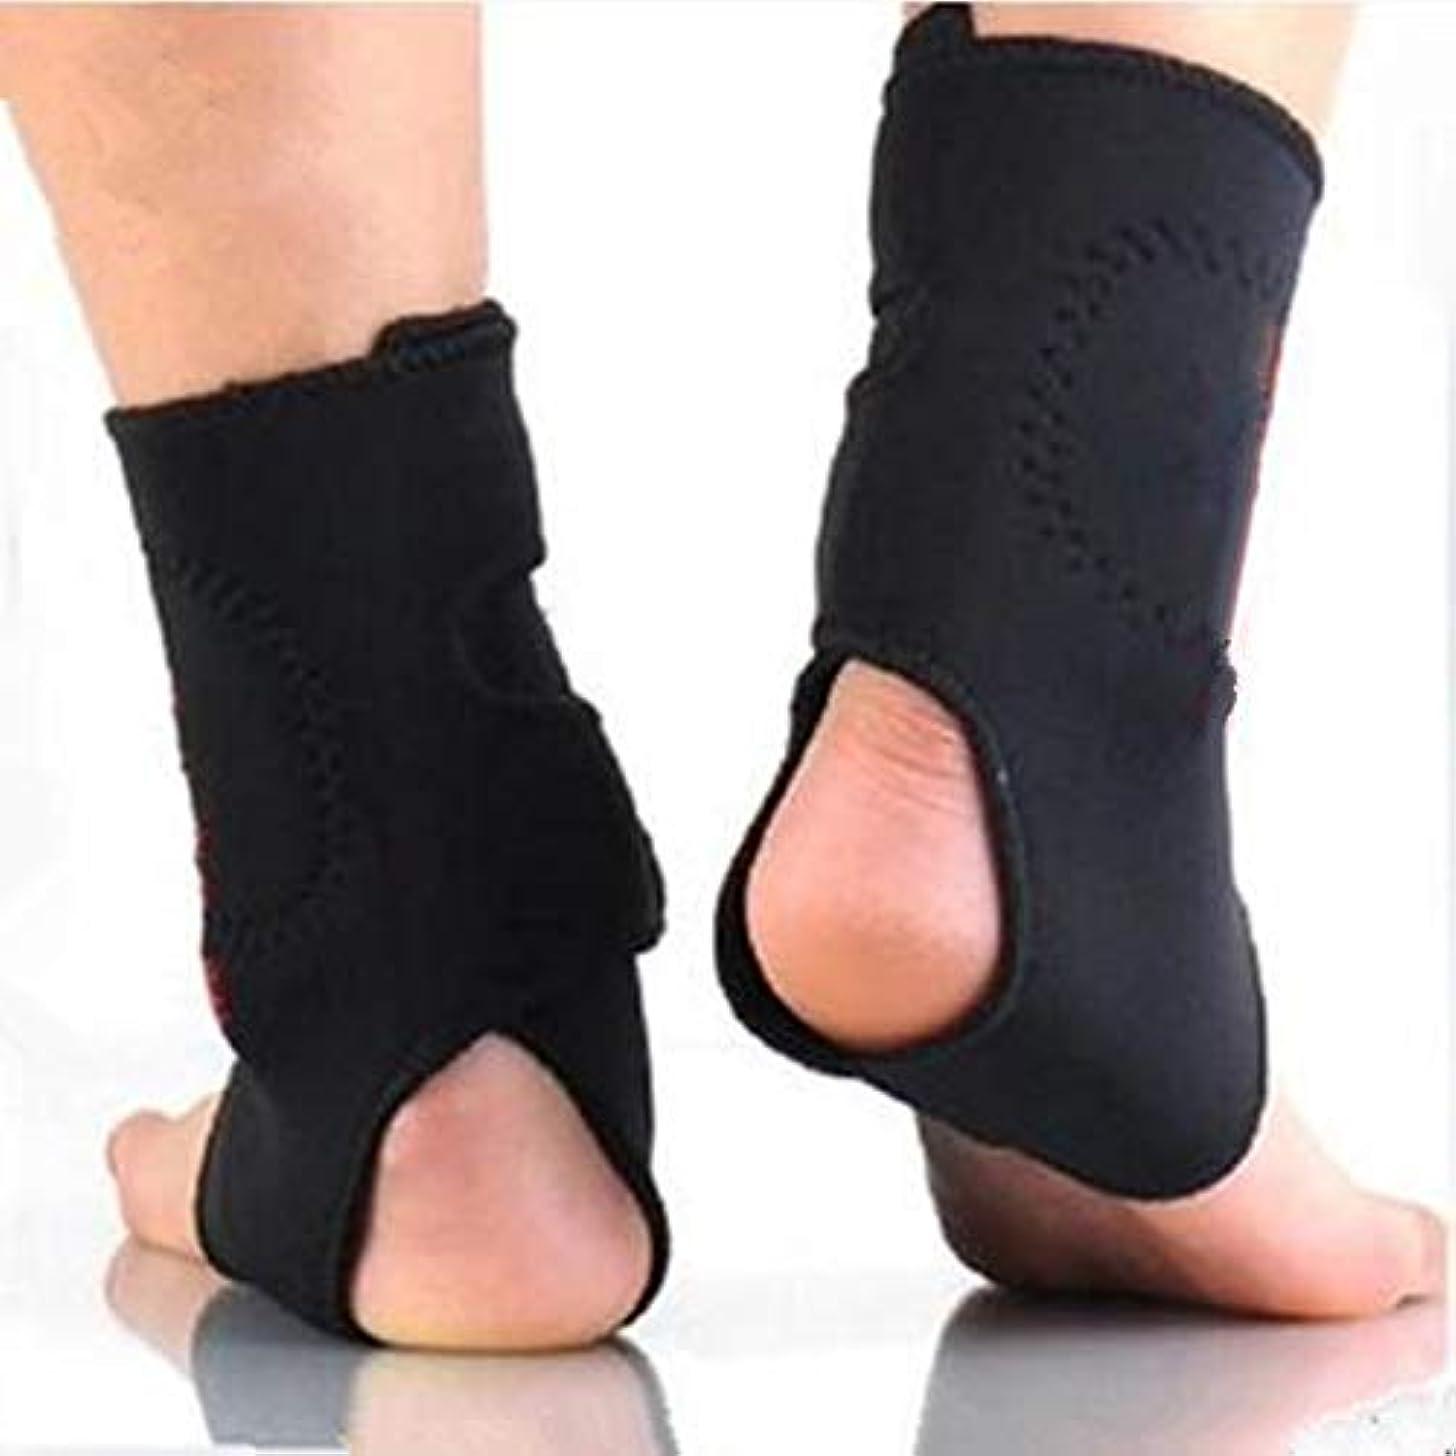 漏れブロックする軸2 ピース 自己発熱 トルマリン 遠赤外線磁気治療足首のサポートブレースマッサージャー 痛みリリーフ